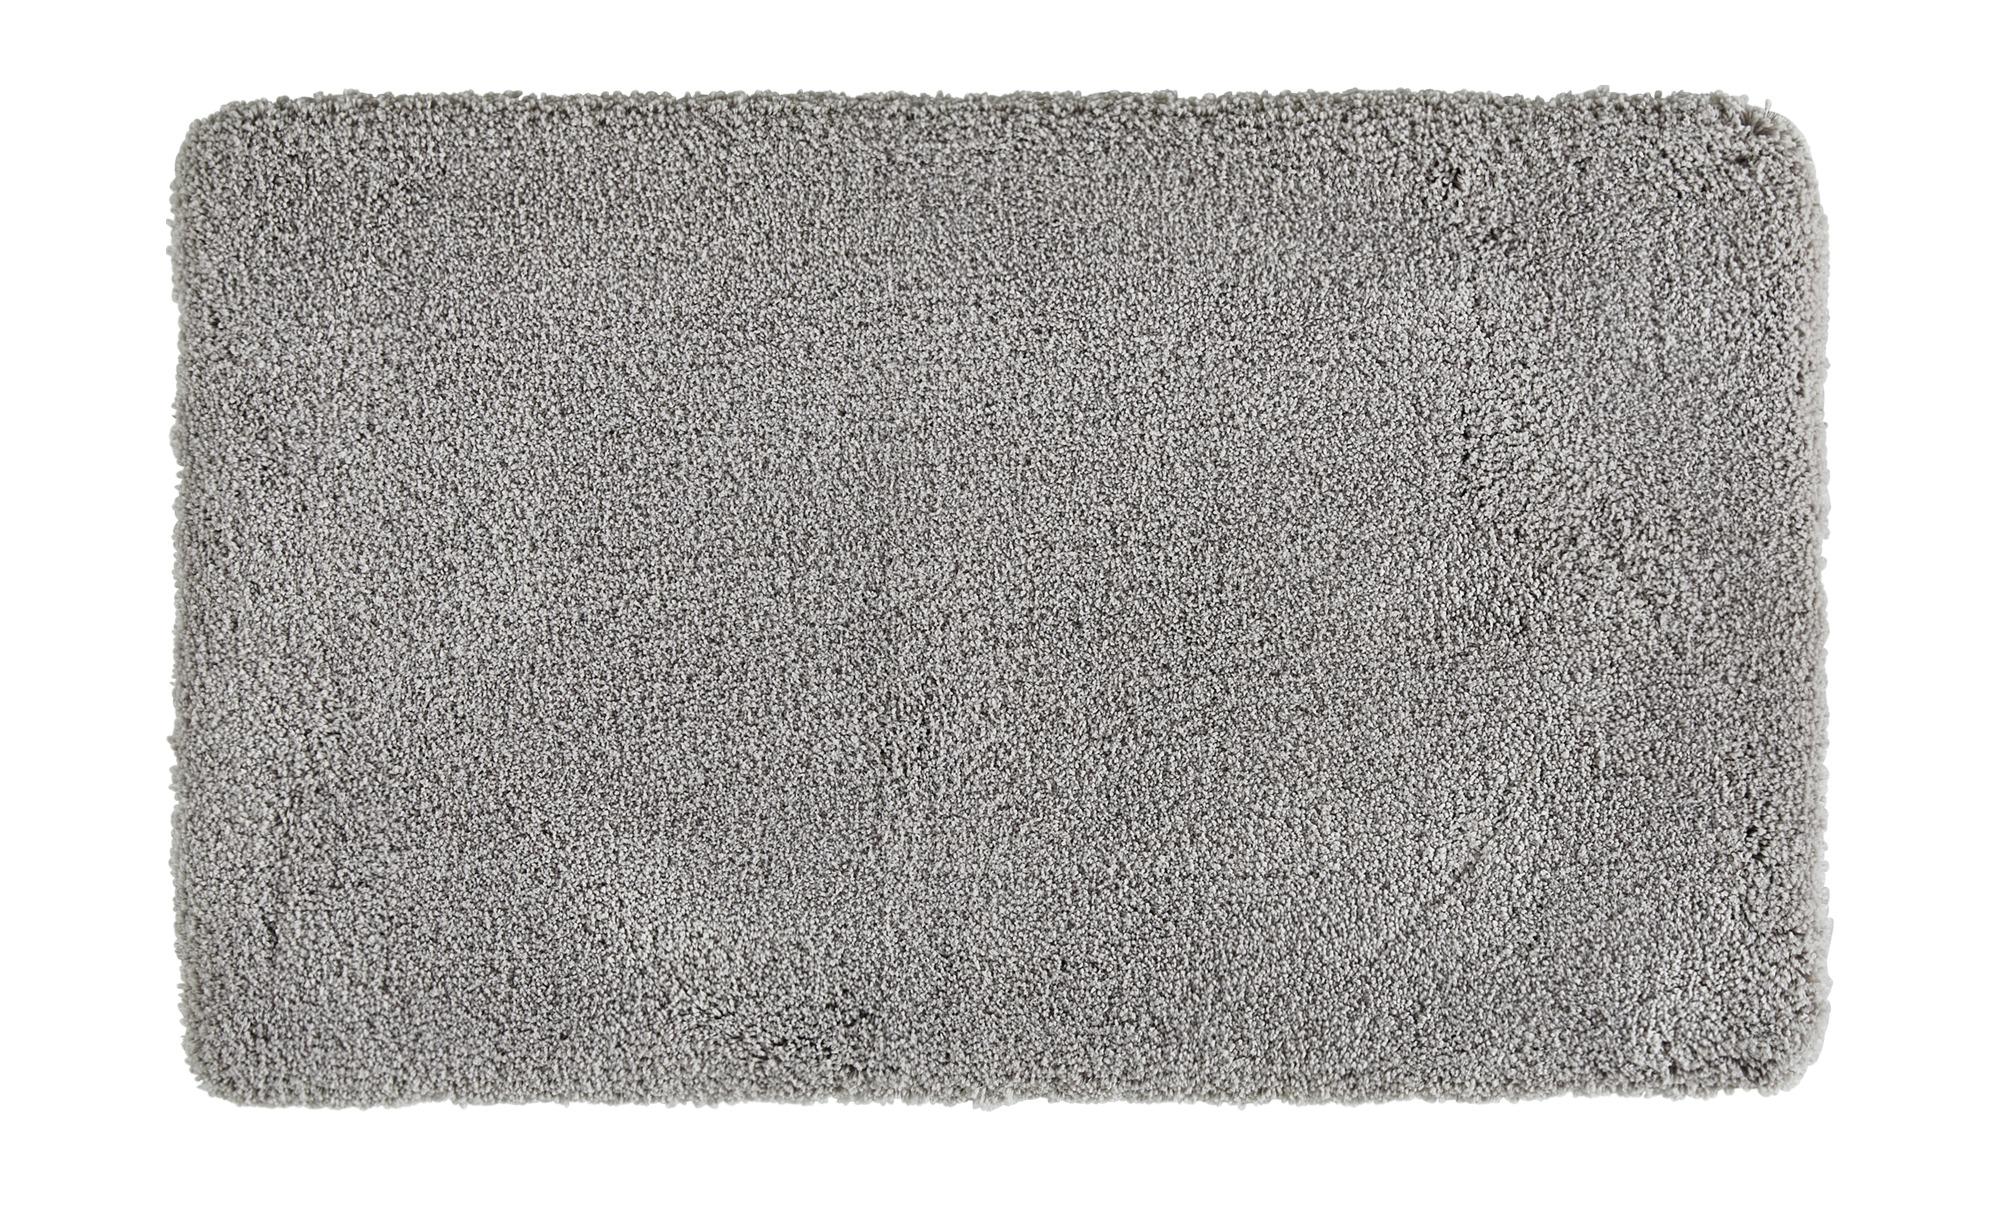 HOME STORY Badteppich  Softy ¦ silber ¦ 100% Polyester ¦ Maße (cm): B: 55 Badtextilien und Zubehör > Badematten & Badvorleger - Höffner